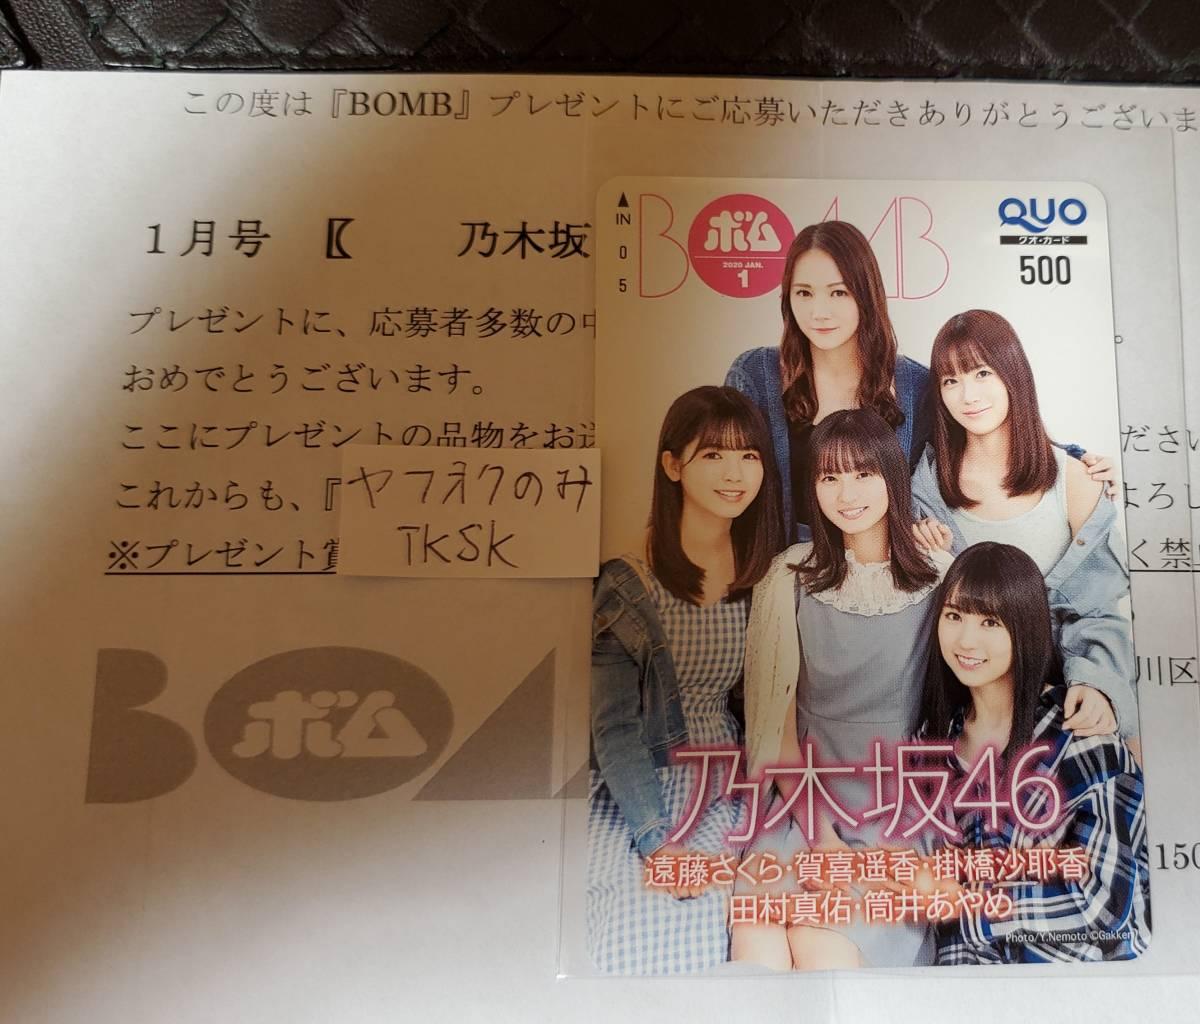 2020 год BOMB. pre QUO card . глициния Sakura ......... Tamura подлинный . тубус .... Nogizaka 46